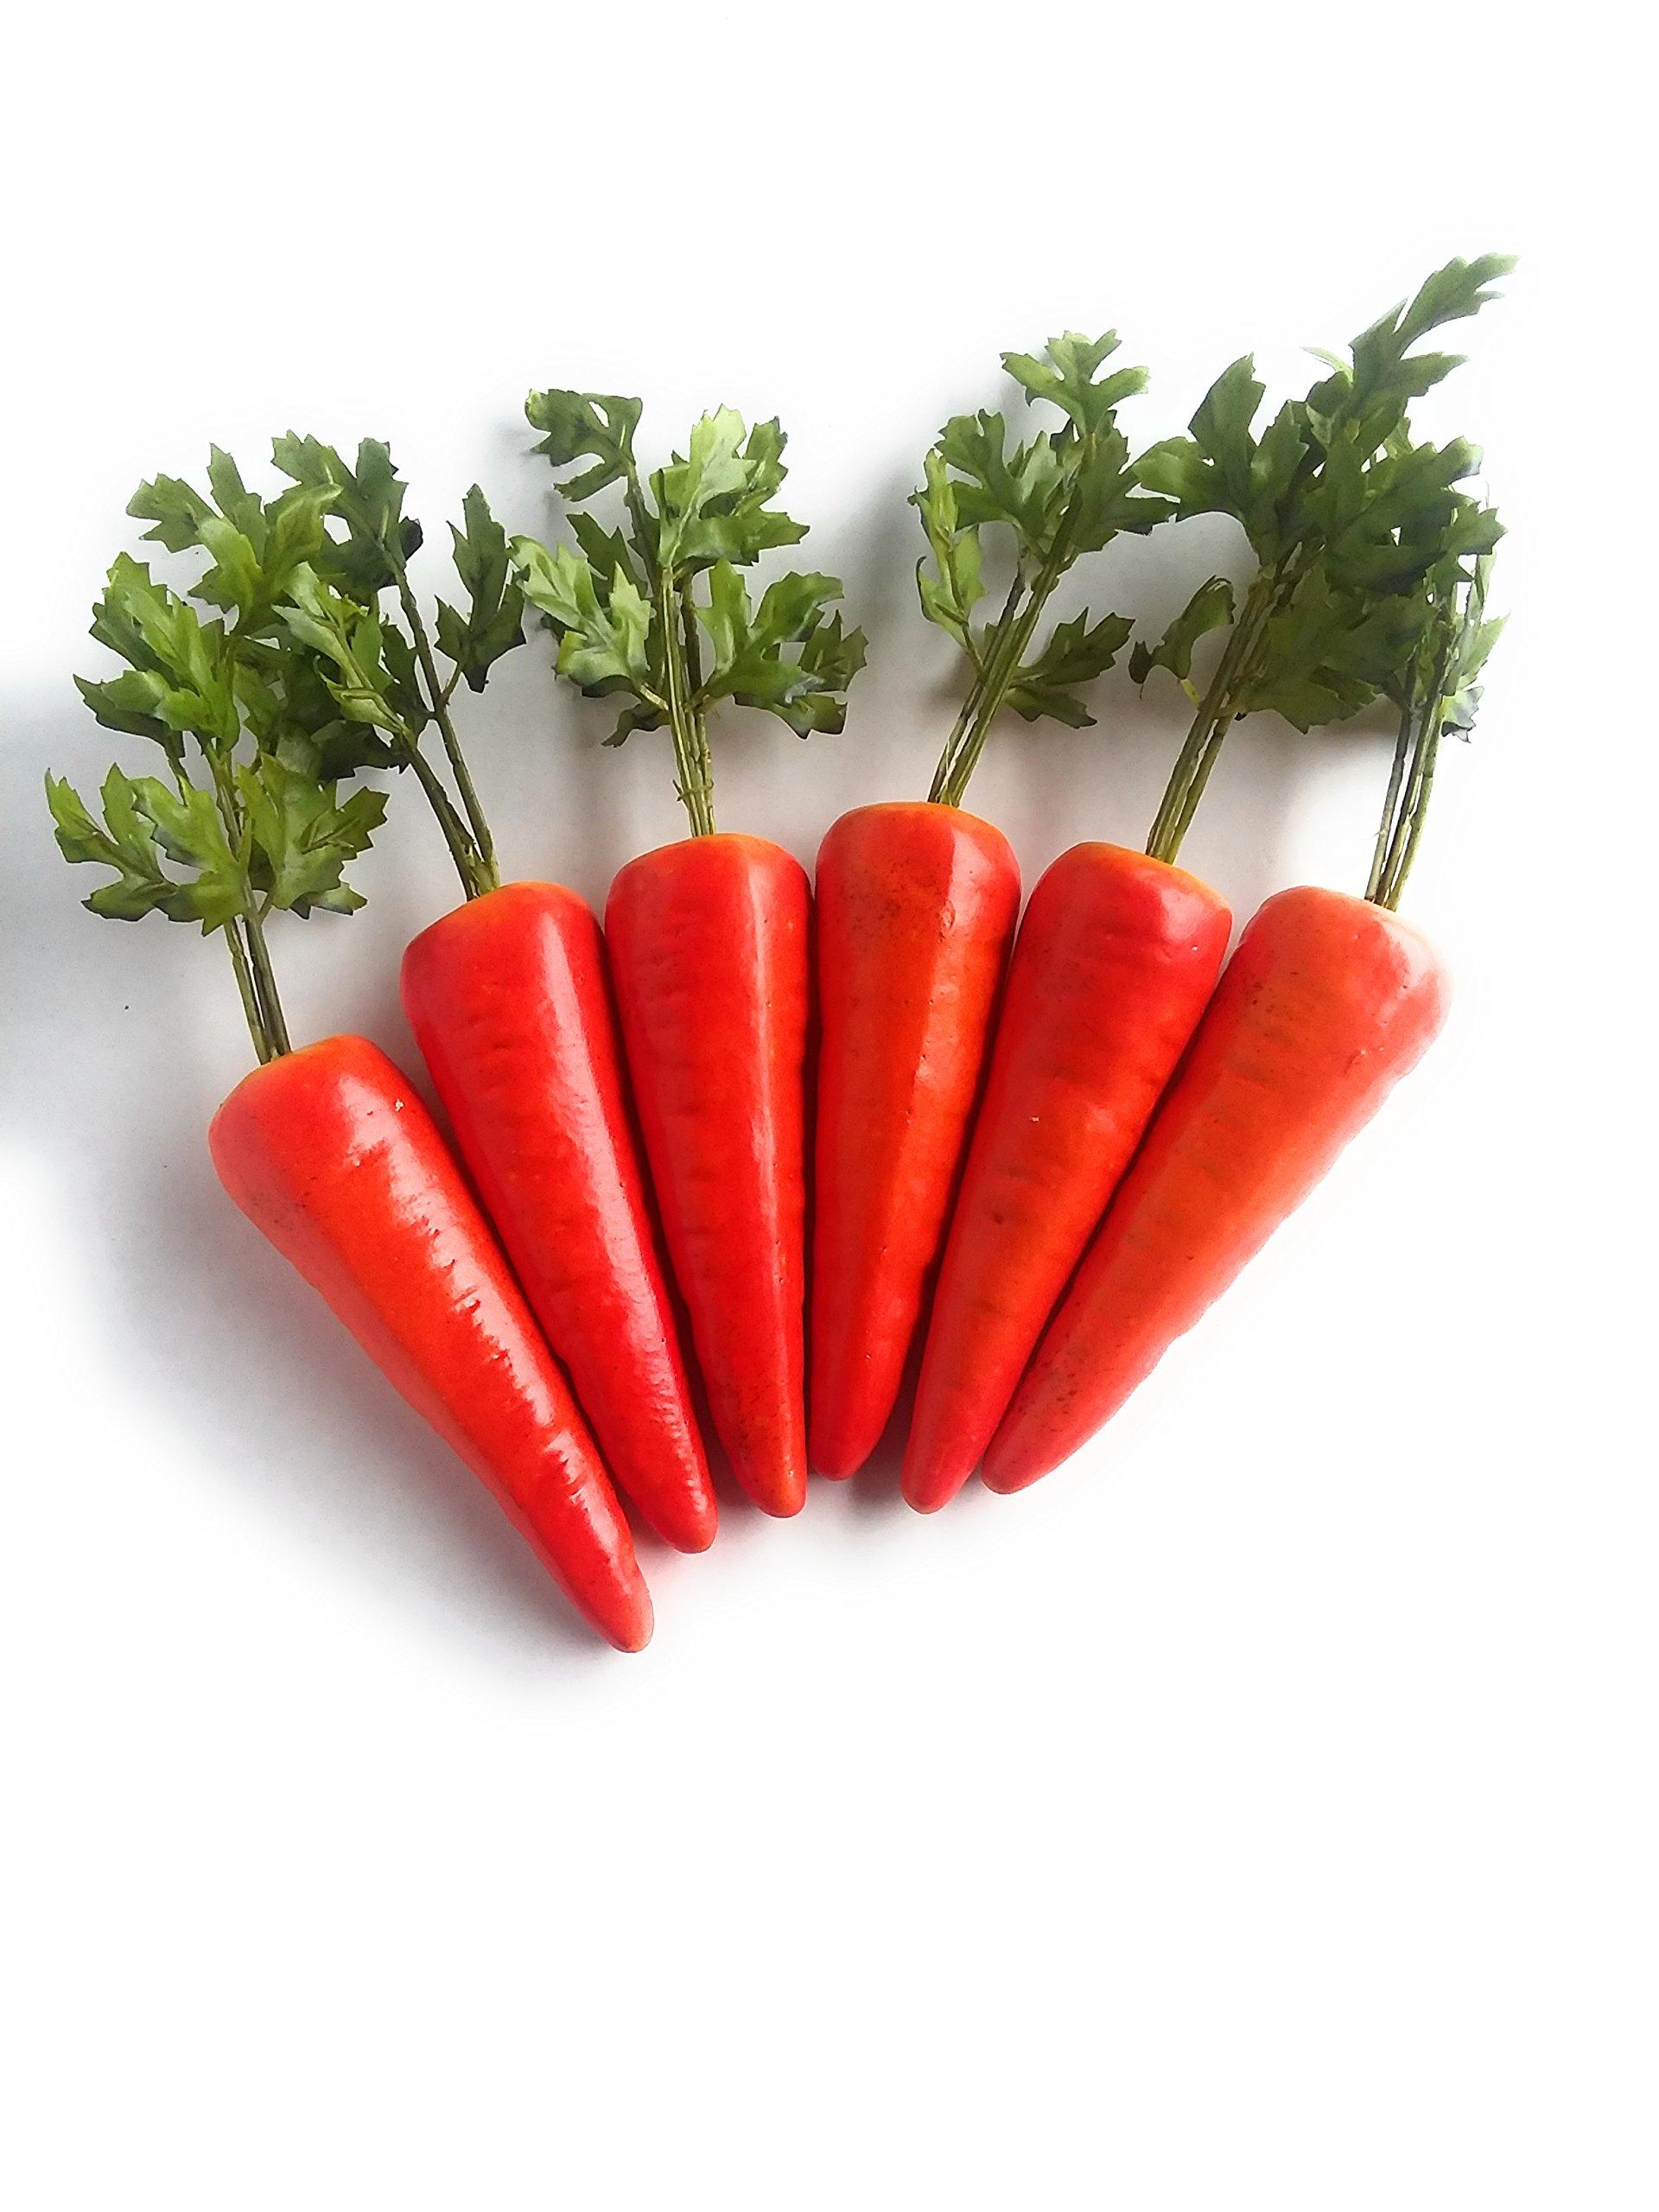 Mezly 6pcs Simulation Carrots Artificial Vegetables Home & Kichen Decorations by Mezly